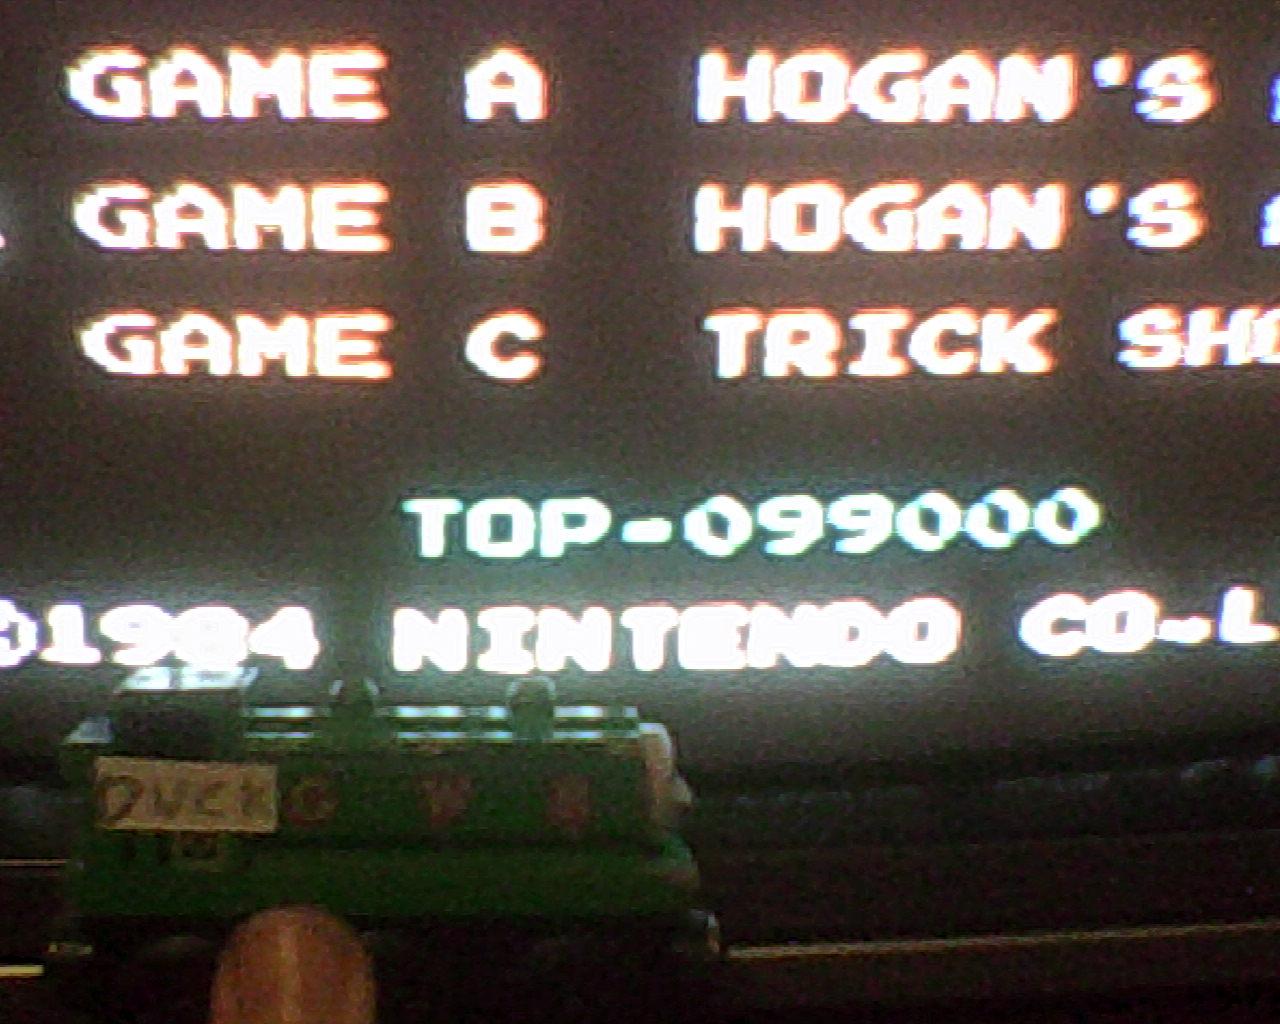 DuckGWR: Hogan